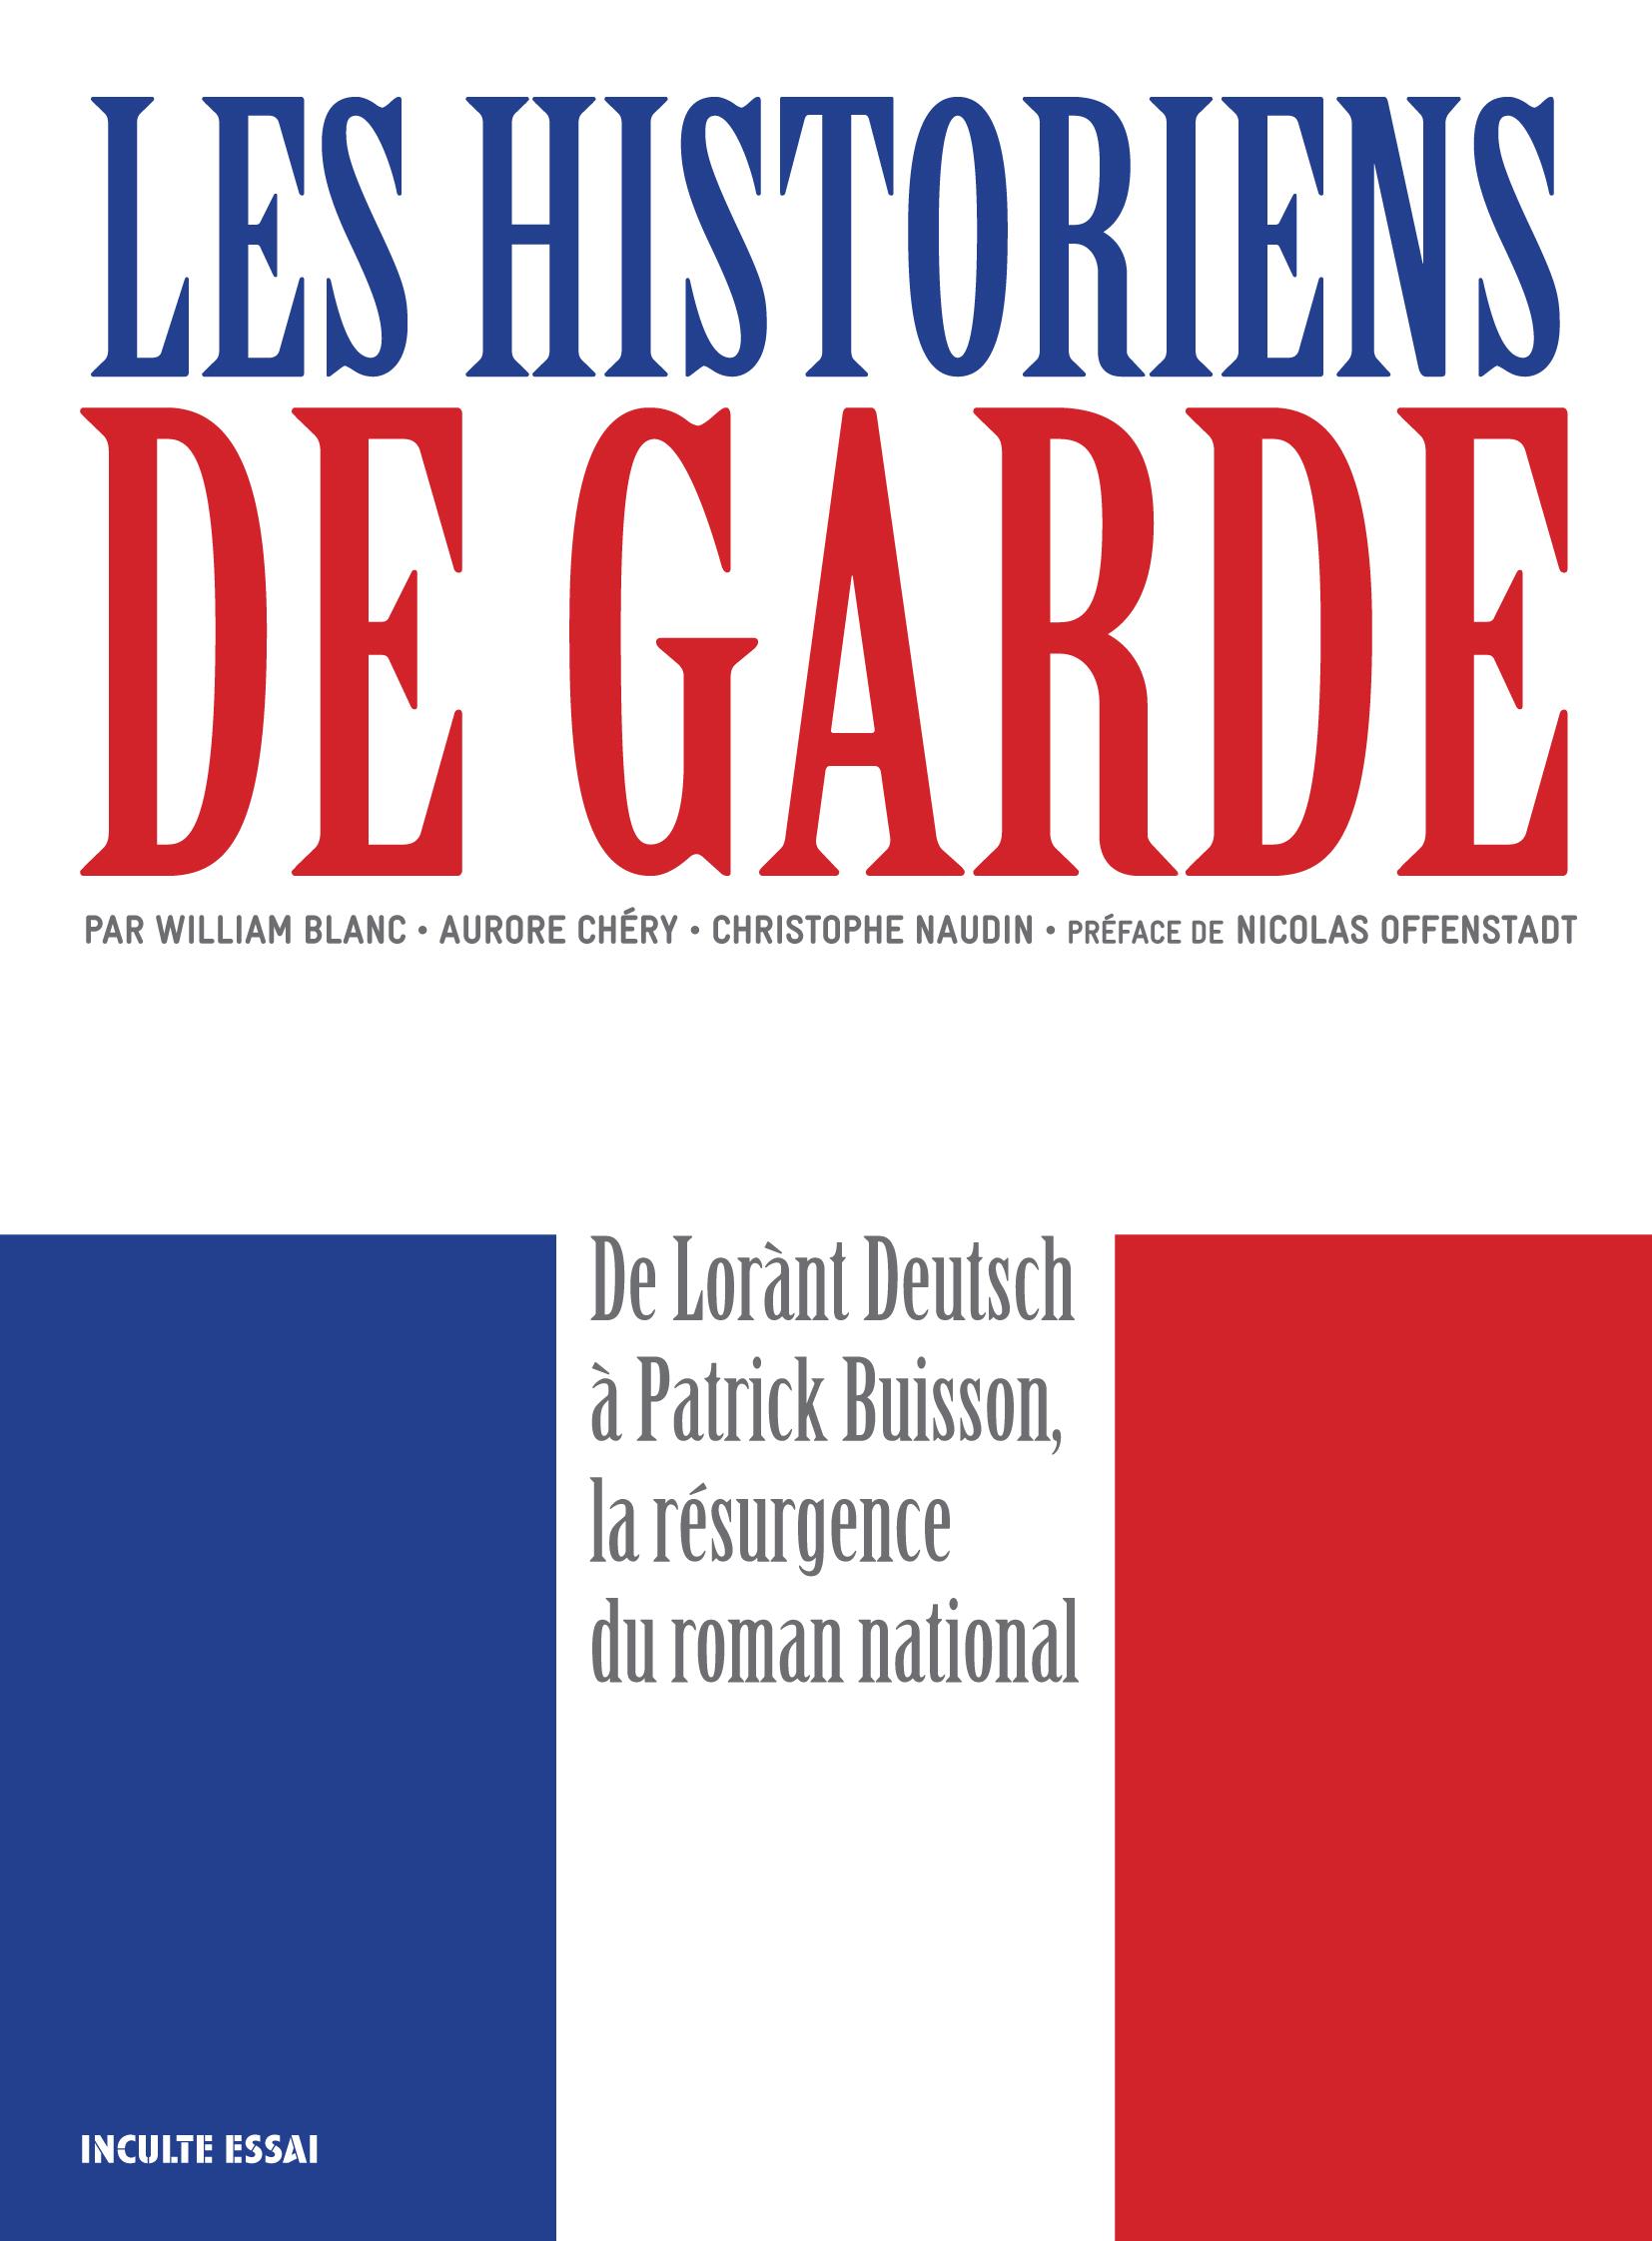 http://i0.wp.com/www.leshistoriensdegarde.fr/wp-content/uploads/2013/03/1decouv-Historiens.jpg